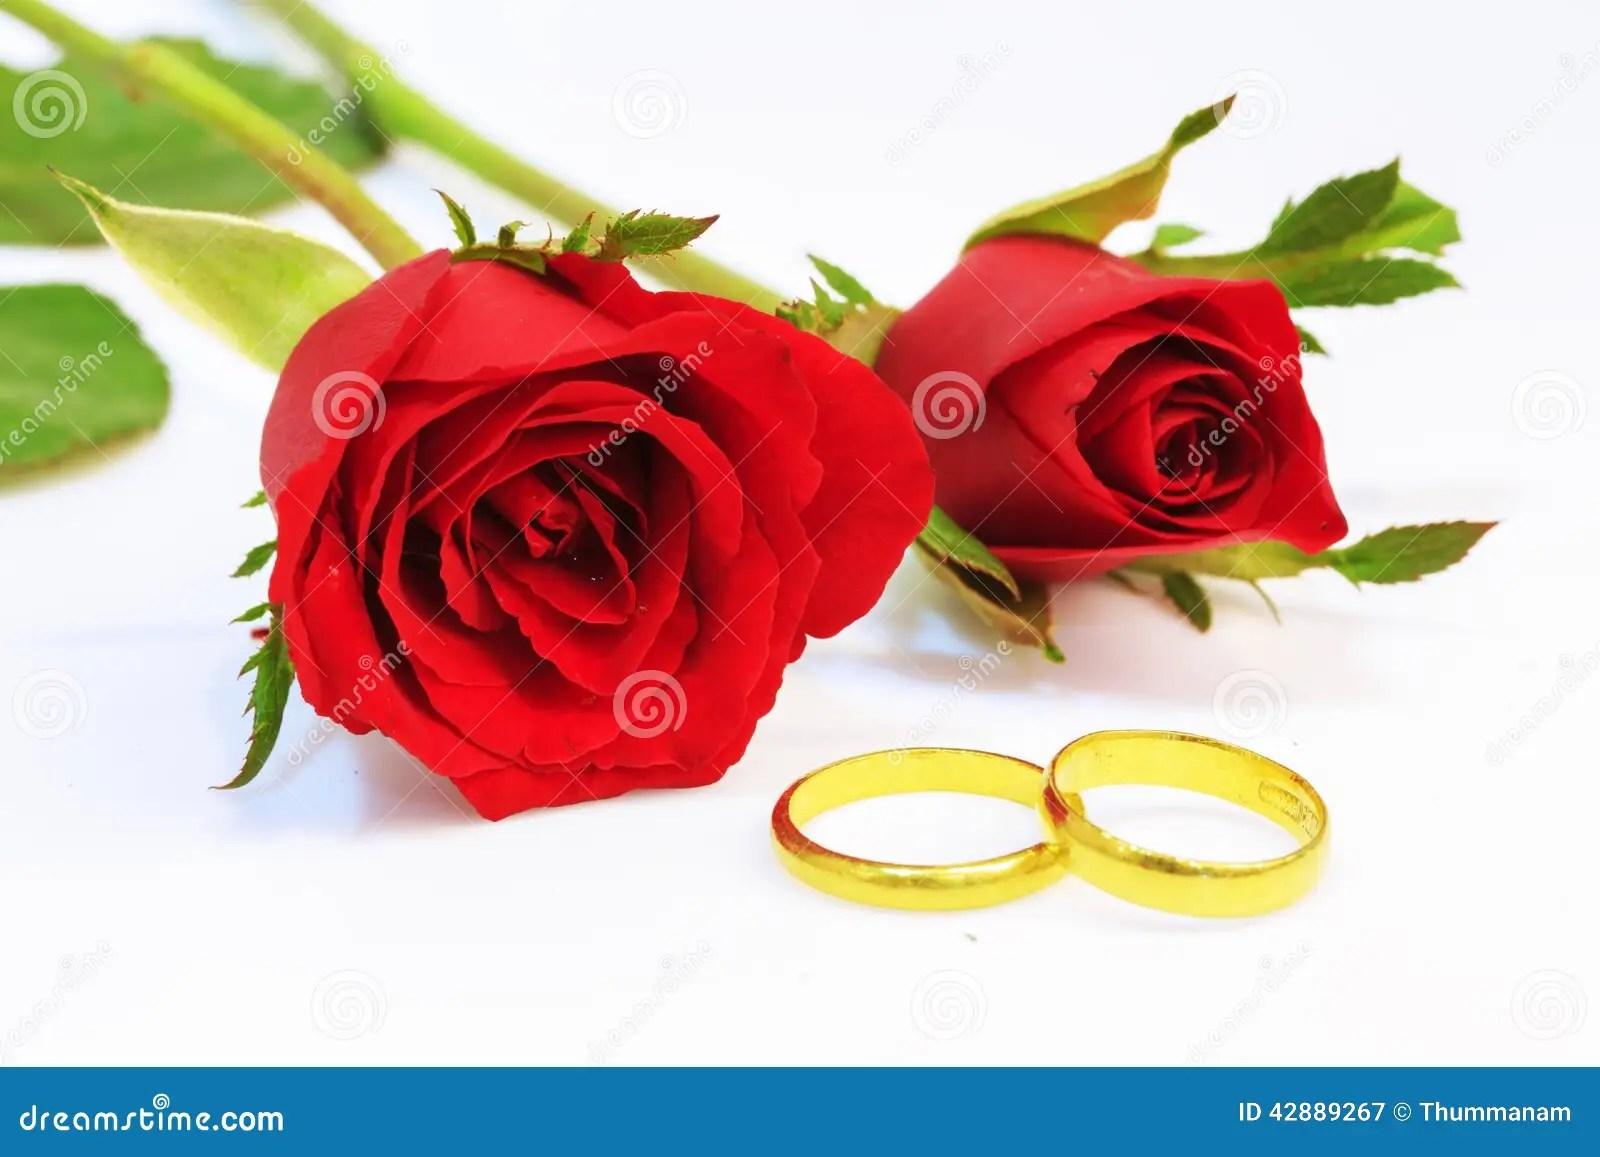 Goldene Ringe Mit Gravur